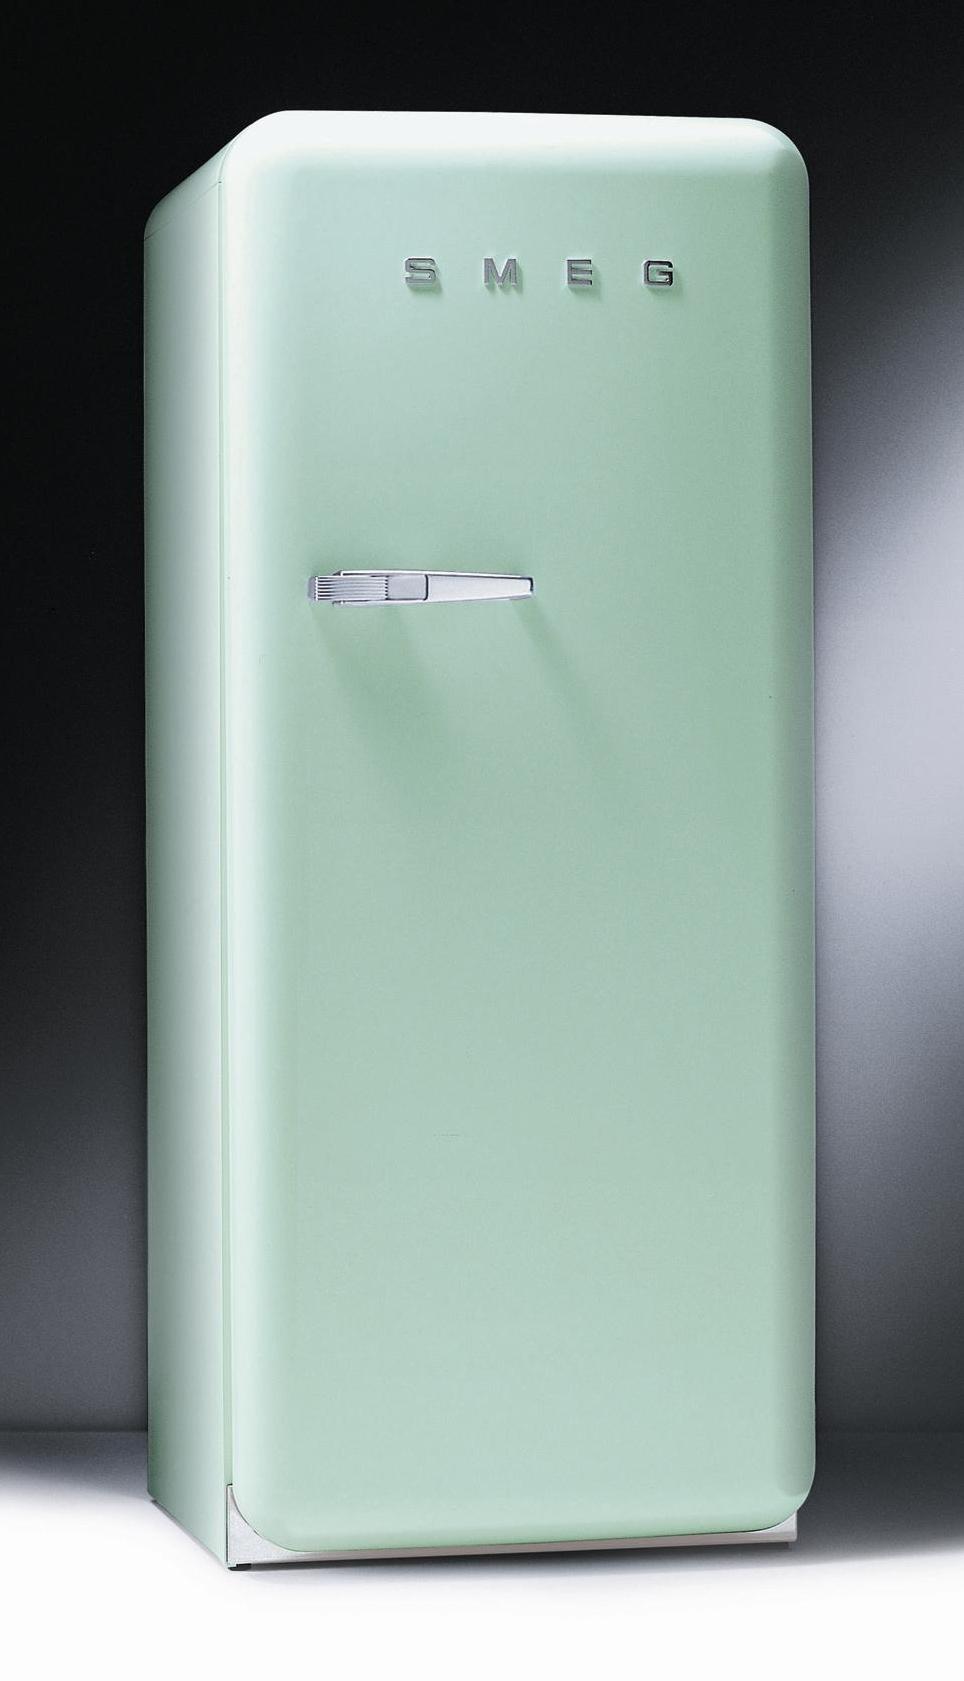 Standkuehlschrank smeg fab28 retro 50 style modulkuchen for Standkühlschrank